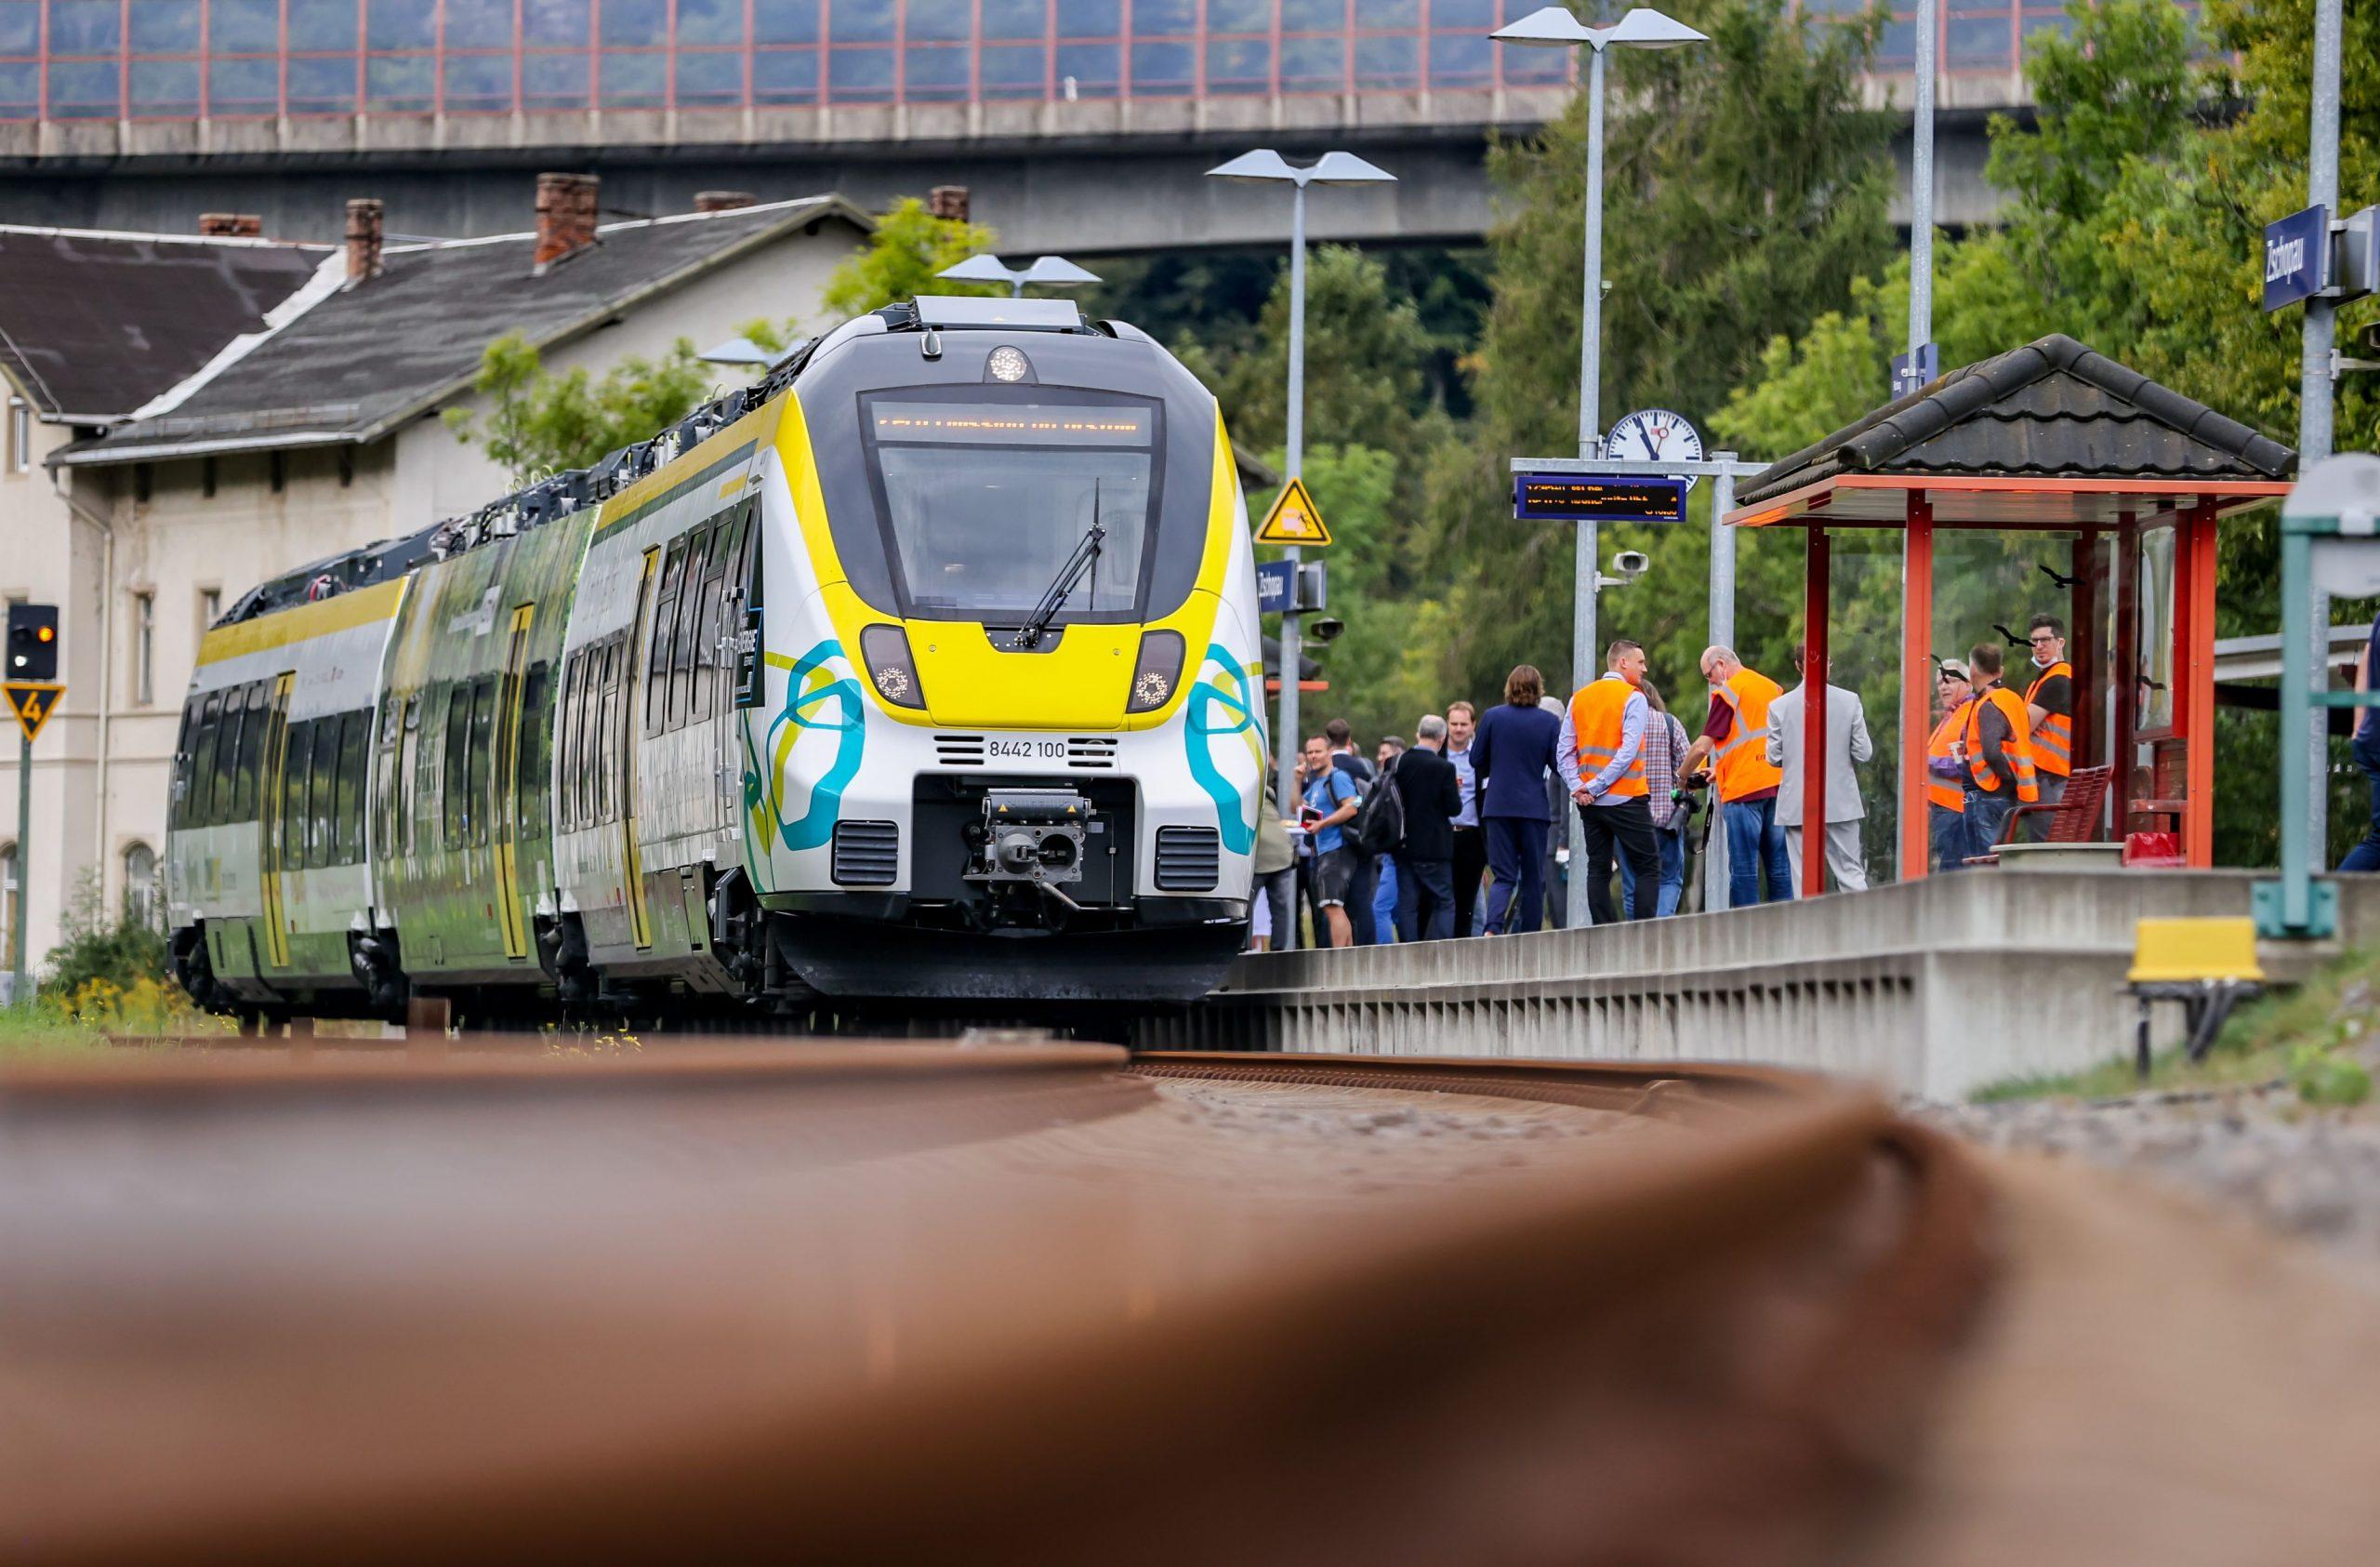 O femeie a fost violată în tren. Pasagerii nu au intervenit